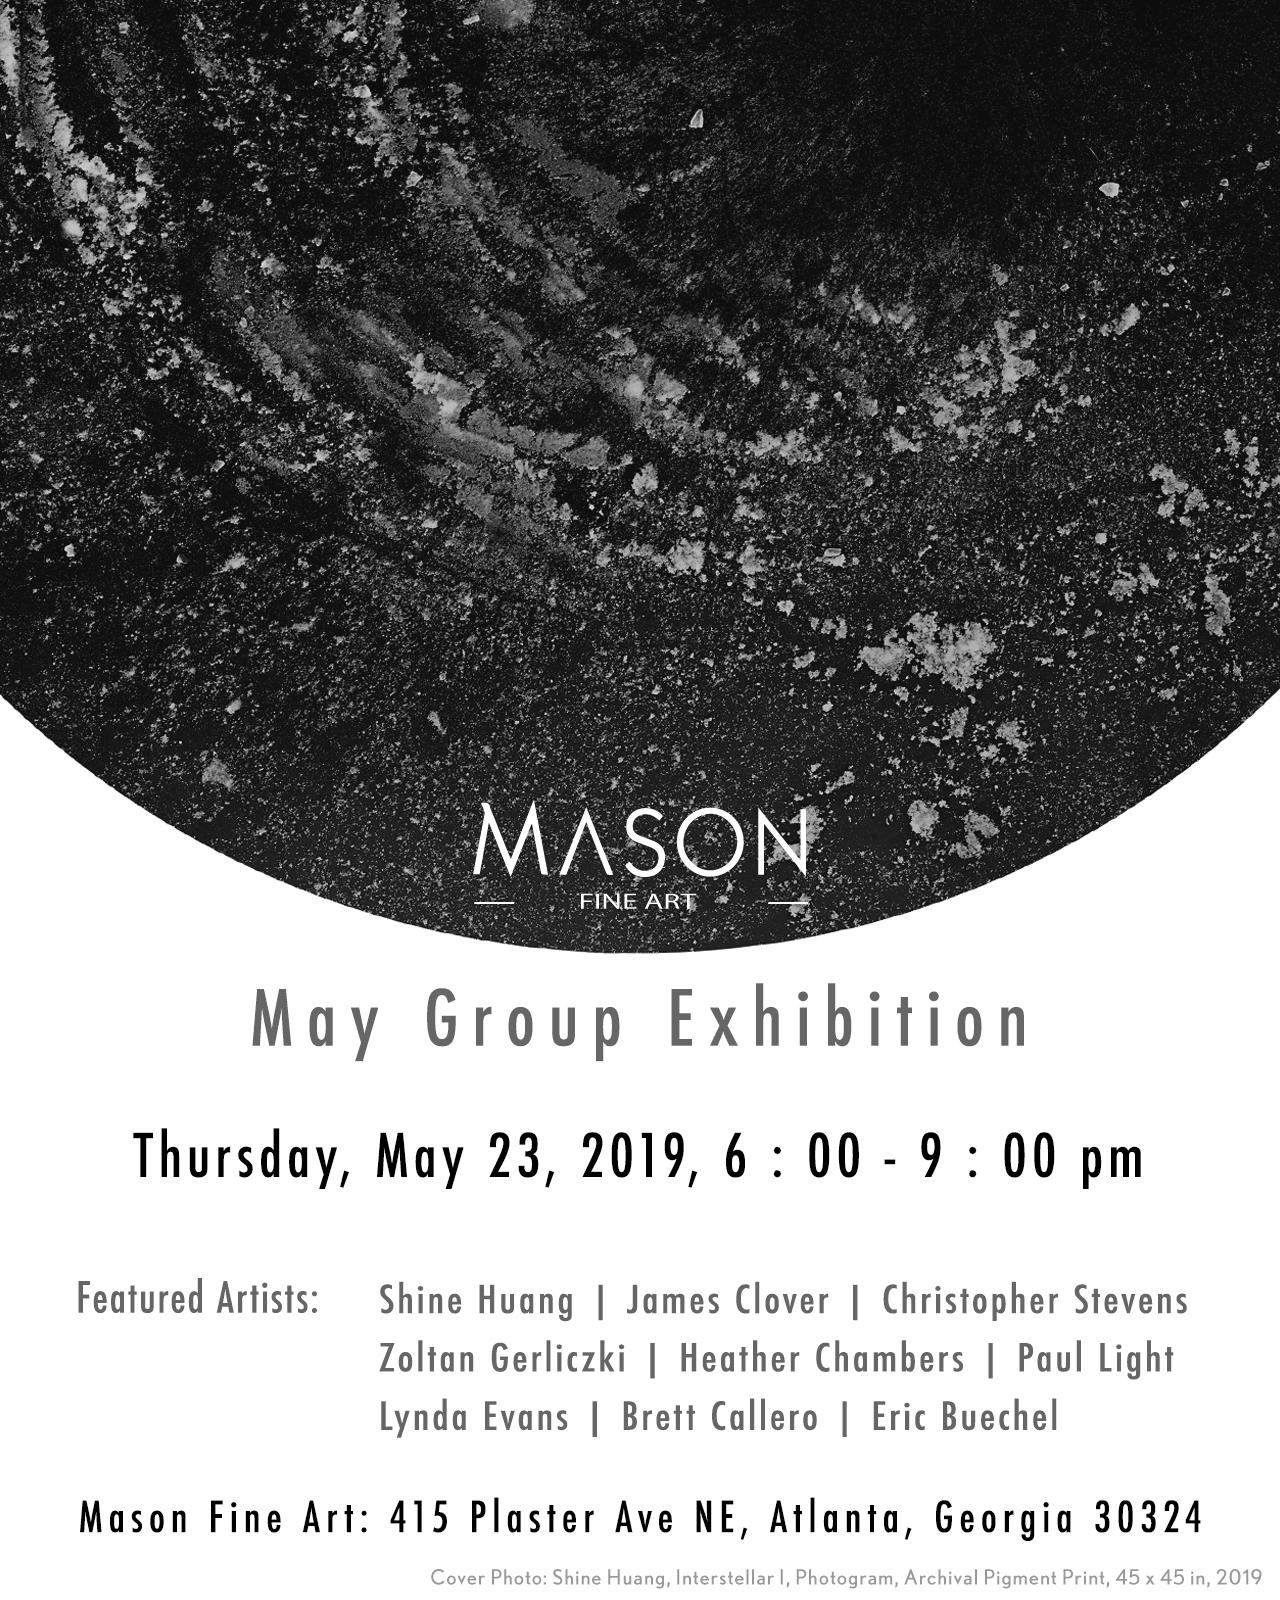 May Group Exhibition_Mason 2019.jpg